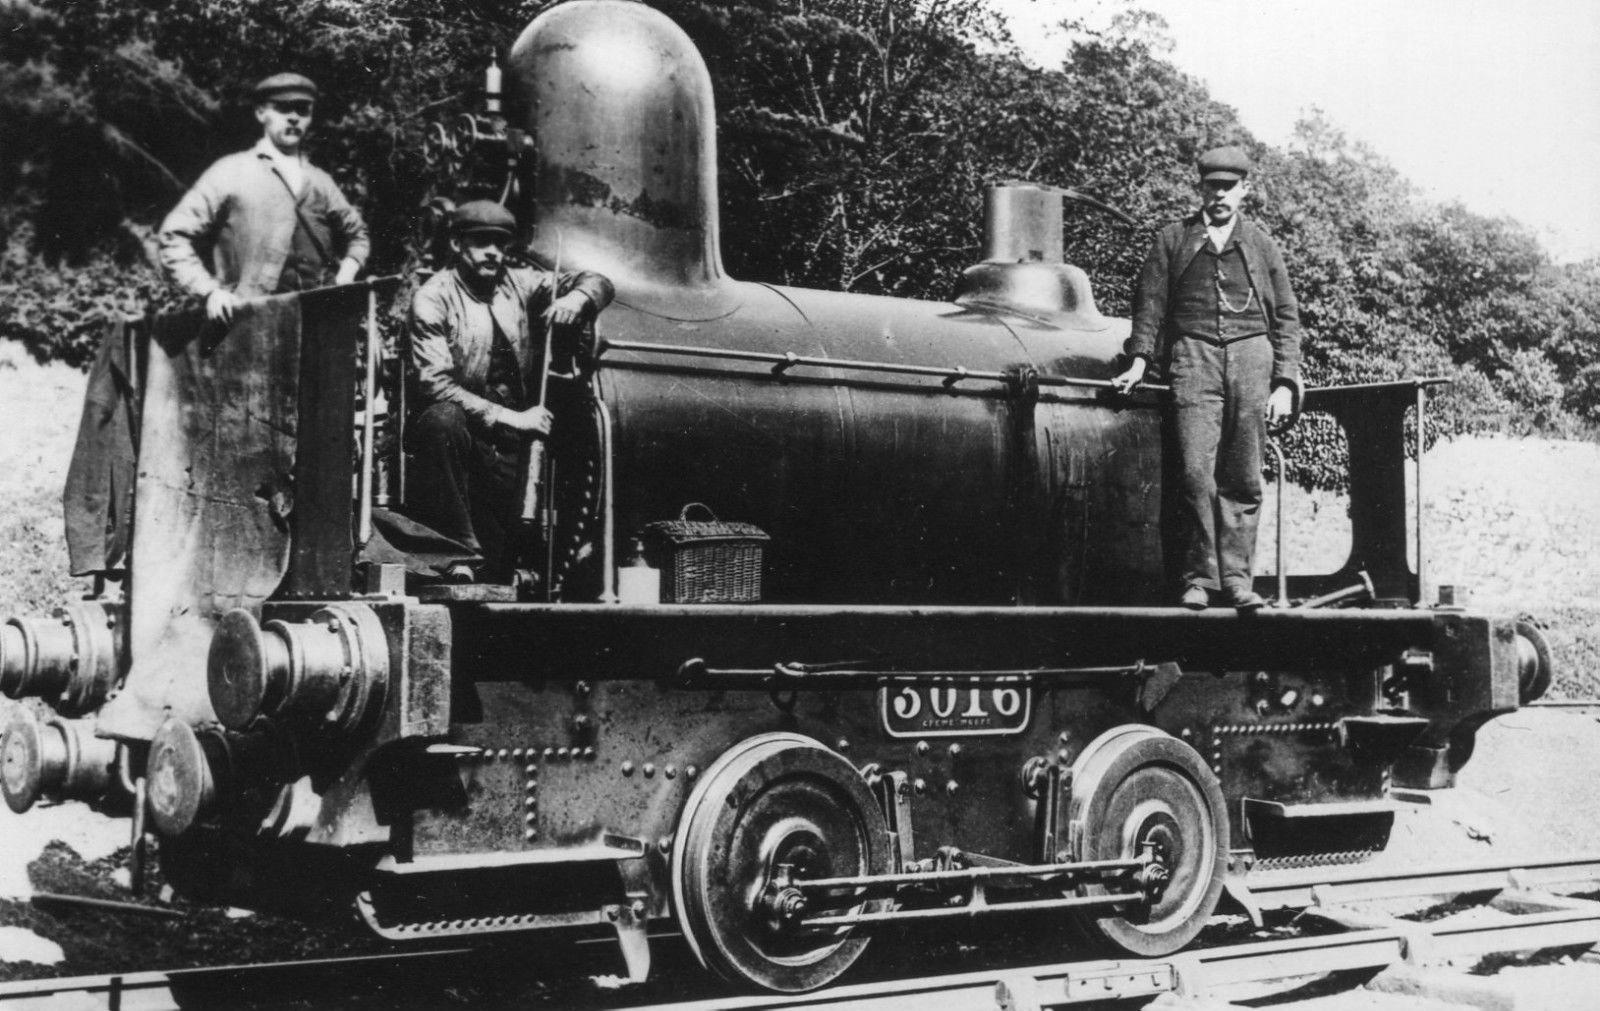 LNWR_engine_No.3016,_2360_Class